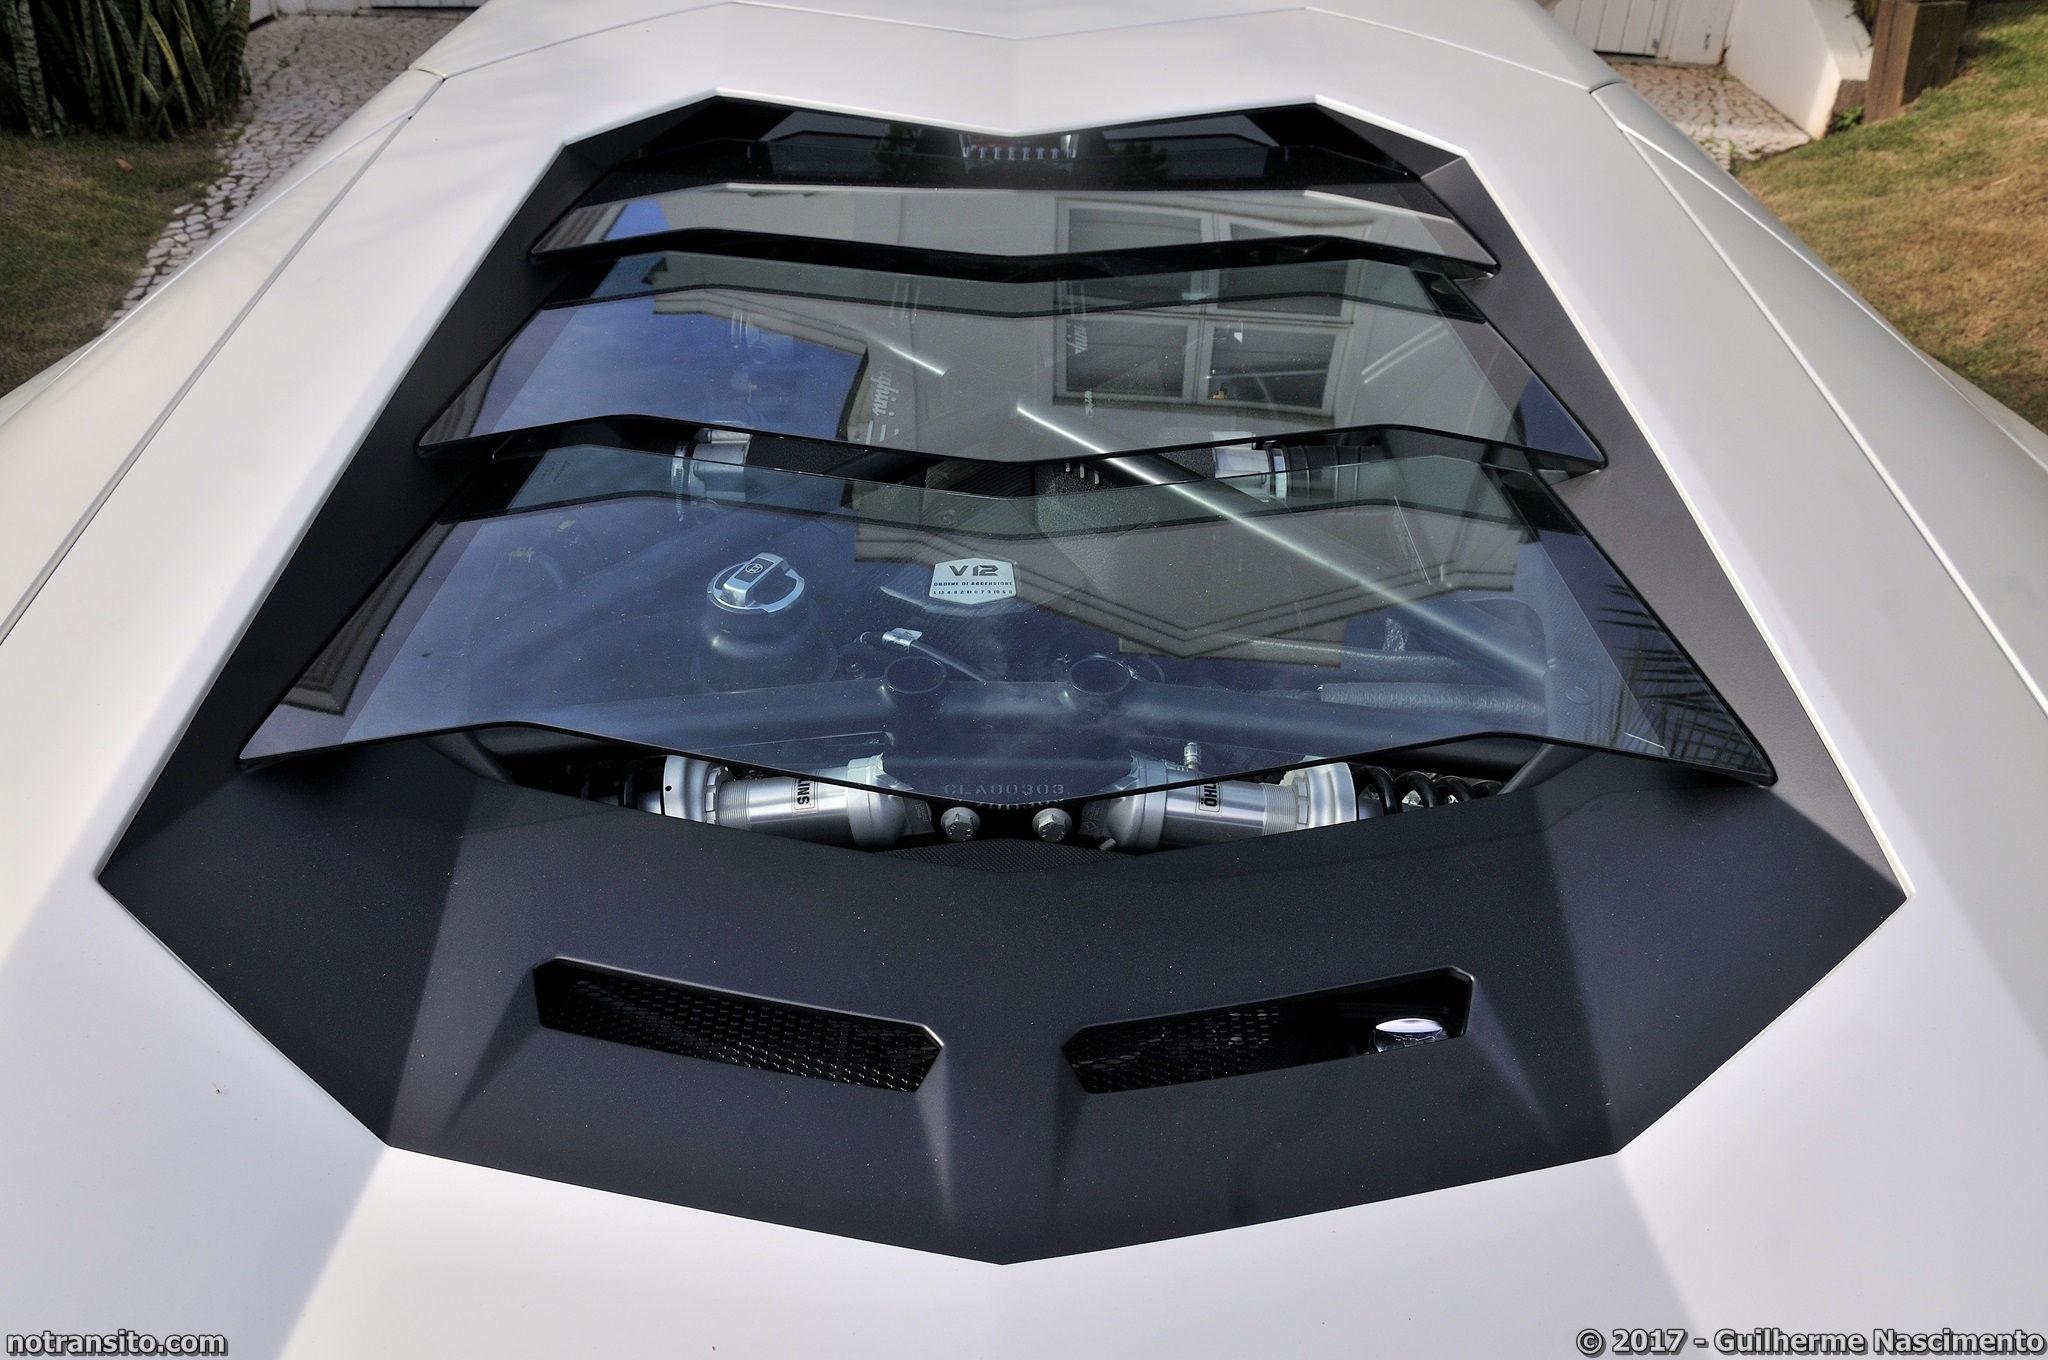 Lamborghini-Aventador-LP-700-4-McLaren-MP4-12C-011